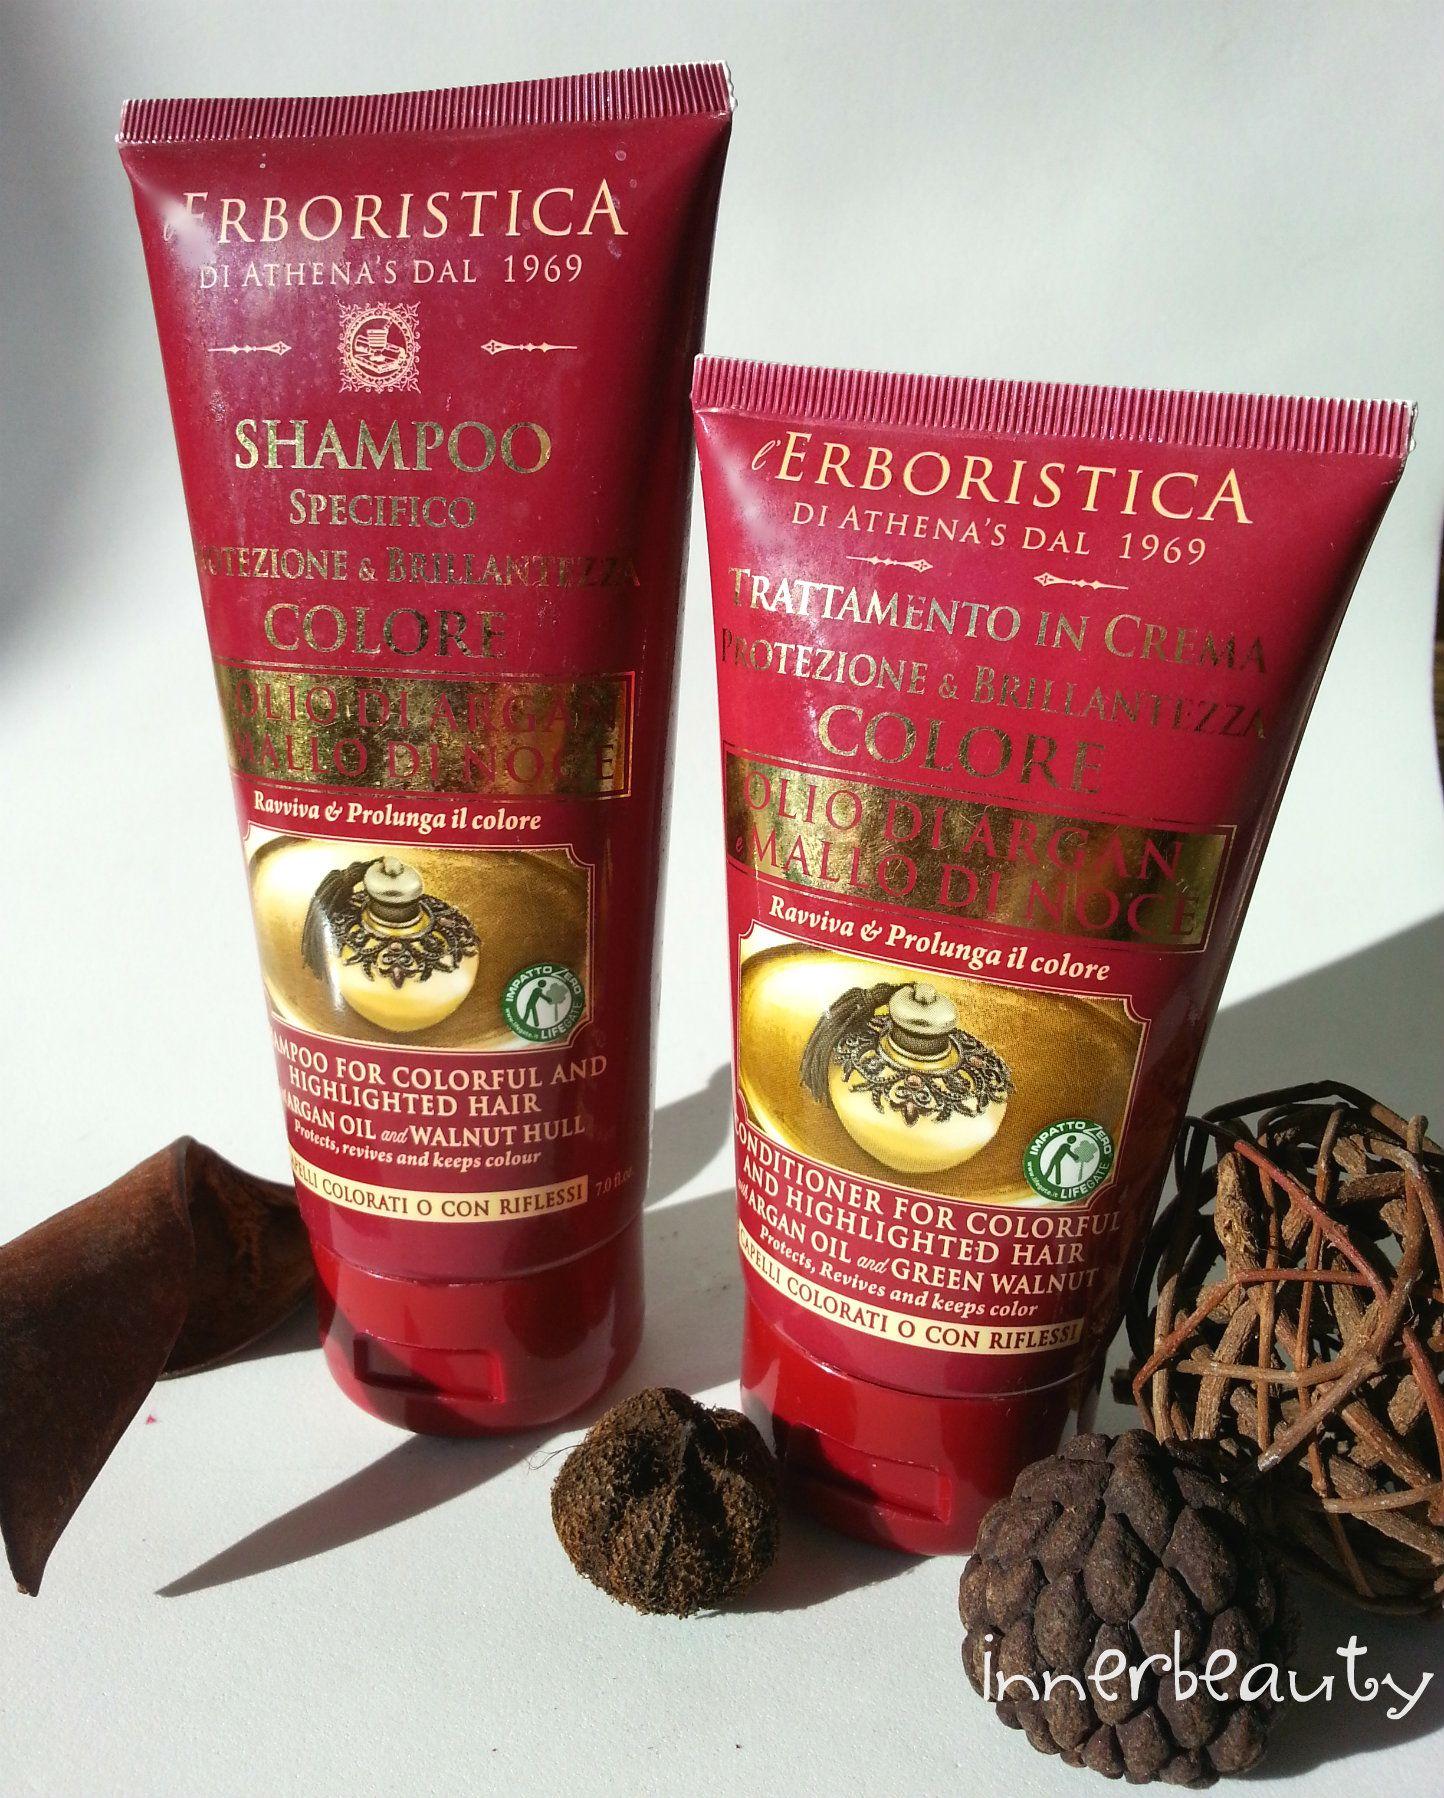 I capelli colorati e riflessati richiedono cure particolari. Un valido aiuto dai prodotti specifici delle linea Erboristica di Athena's! http://blog.pianetadonna.it/innerbeauty/capelli-colorati-linea-erboristica-di-athenas/